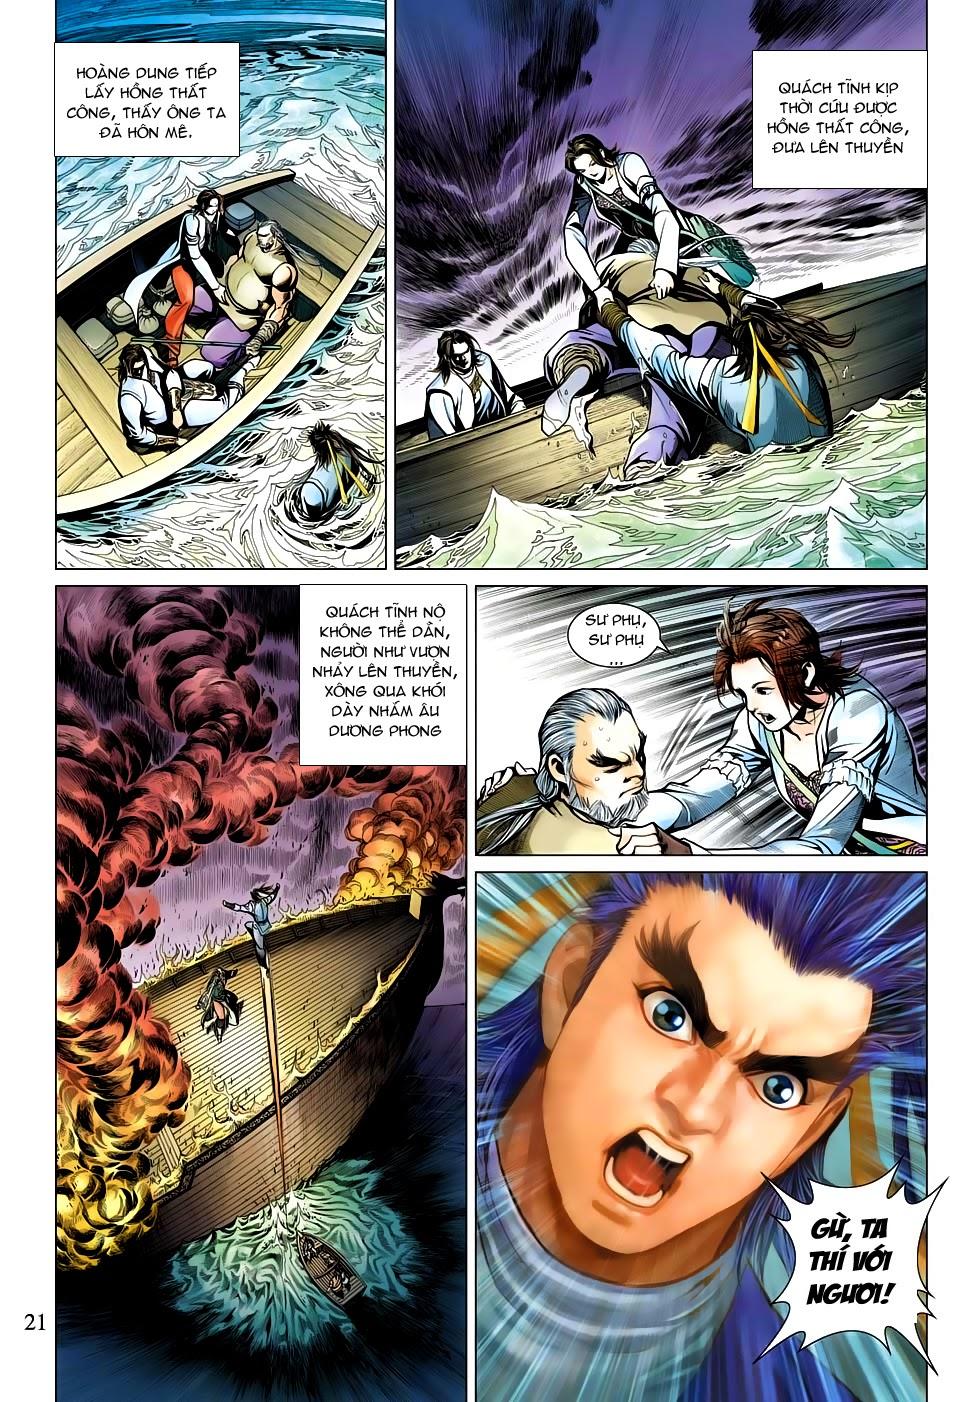 Anh Hùng Xạ Điêu anh hùng xạ đêu chap 53: lâm nguy thụ mệnh đả cẩu học pháp trang 22